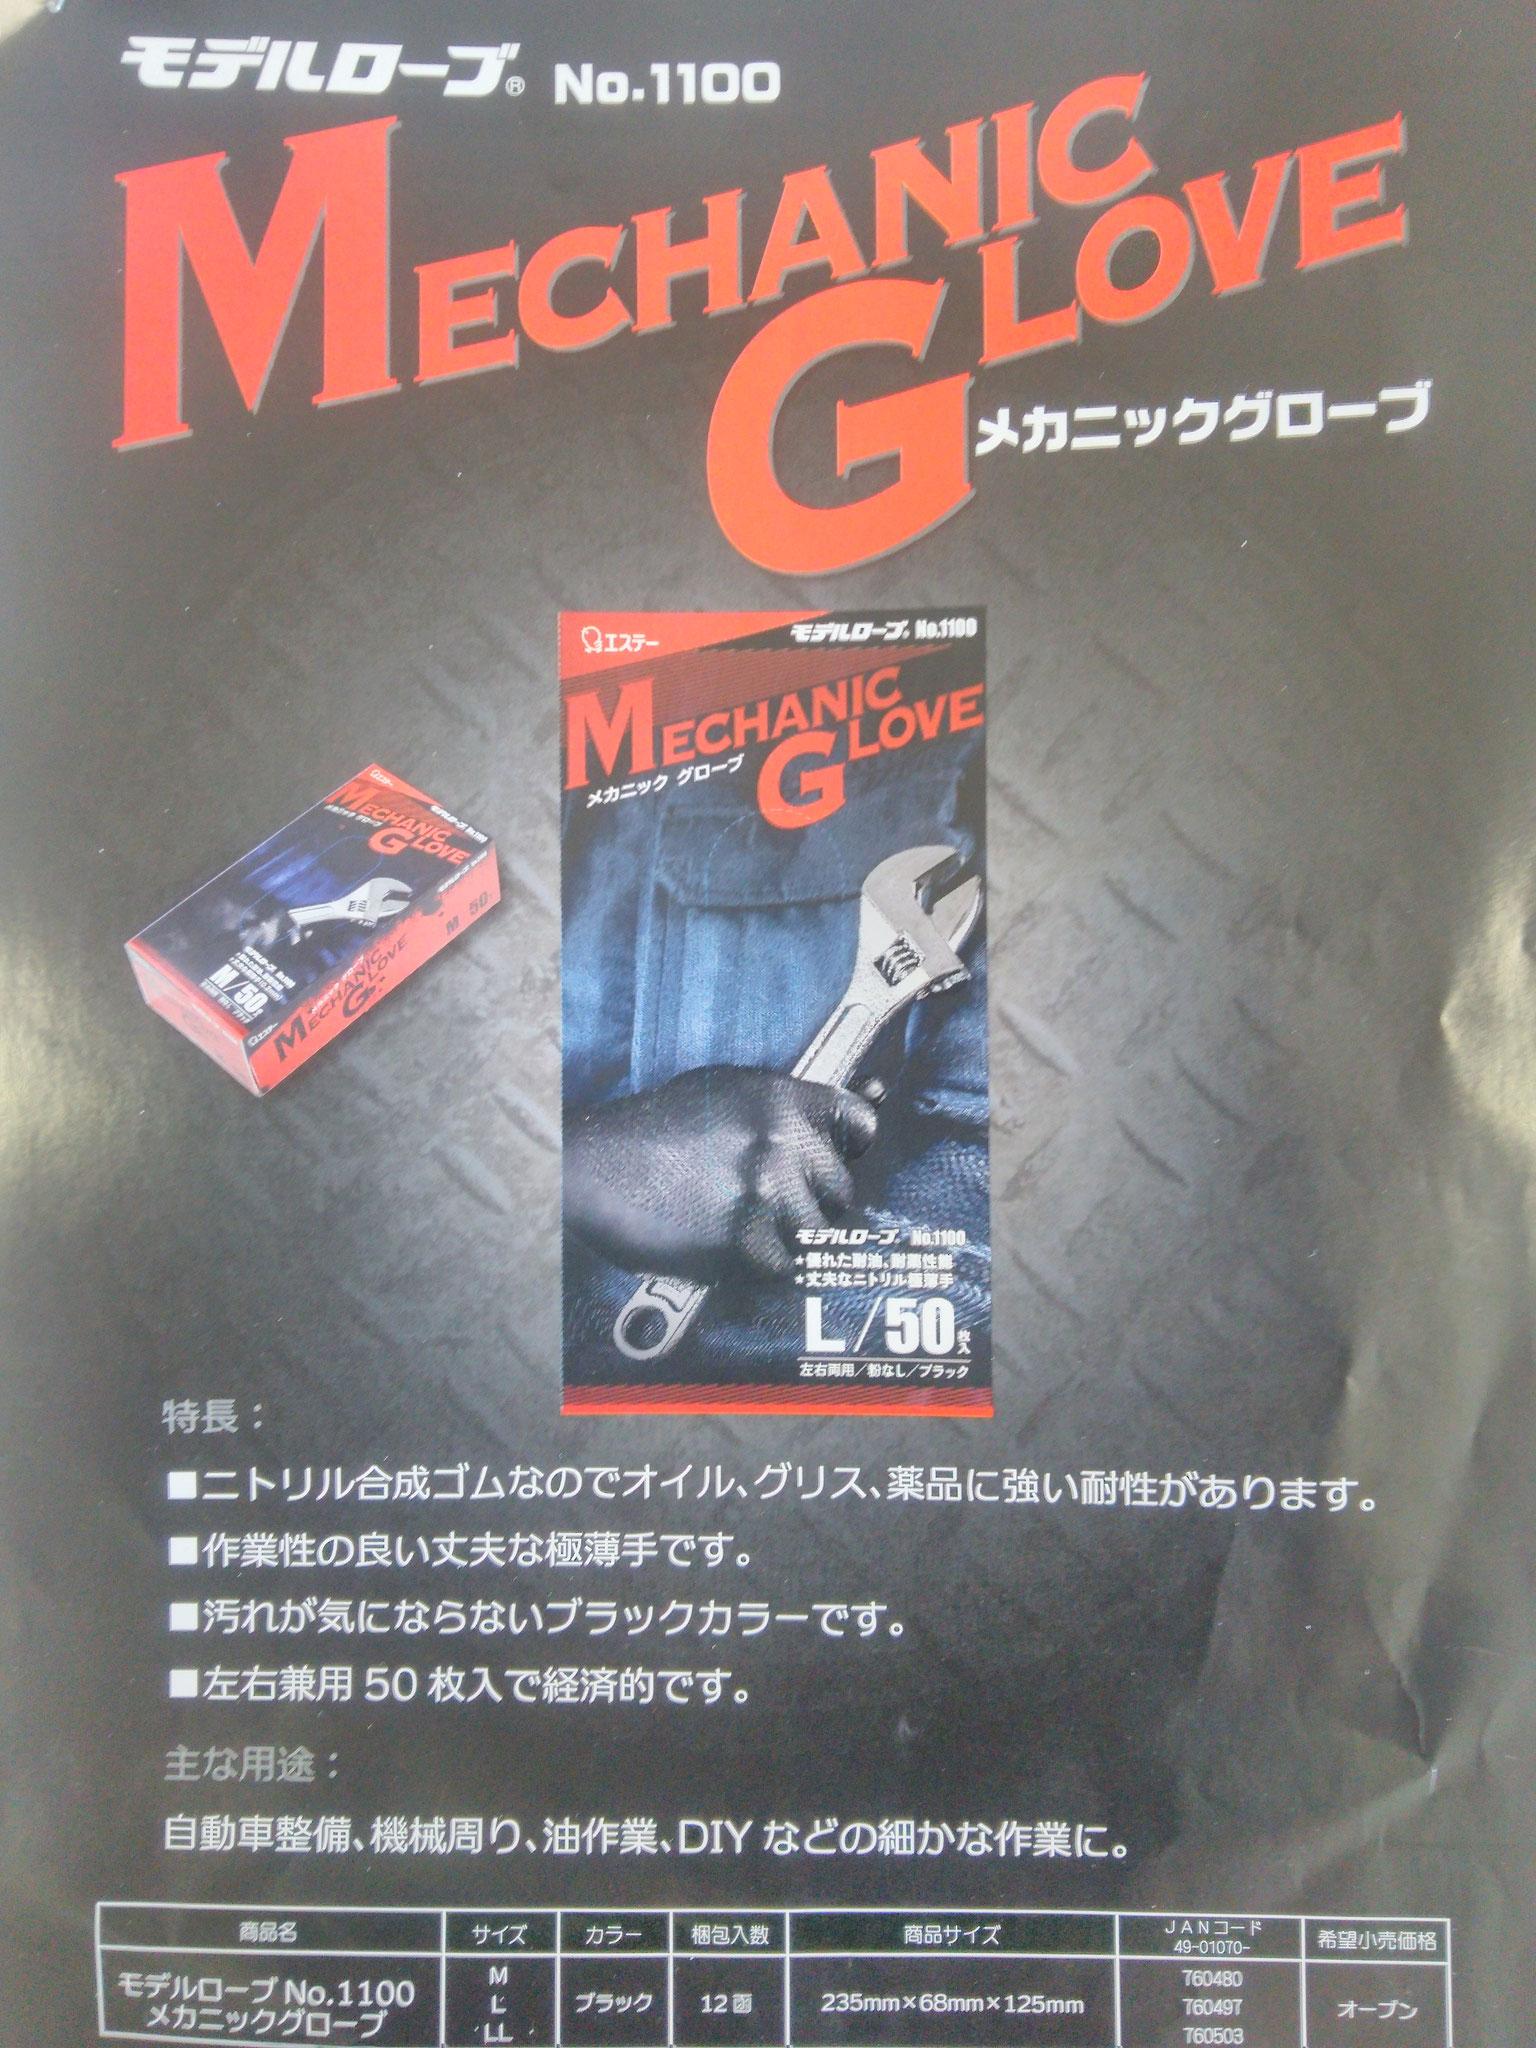 1100 メカニックグローブ 地域1番やしー価格で販売中!! 50枚入 1,485円(税込)